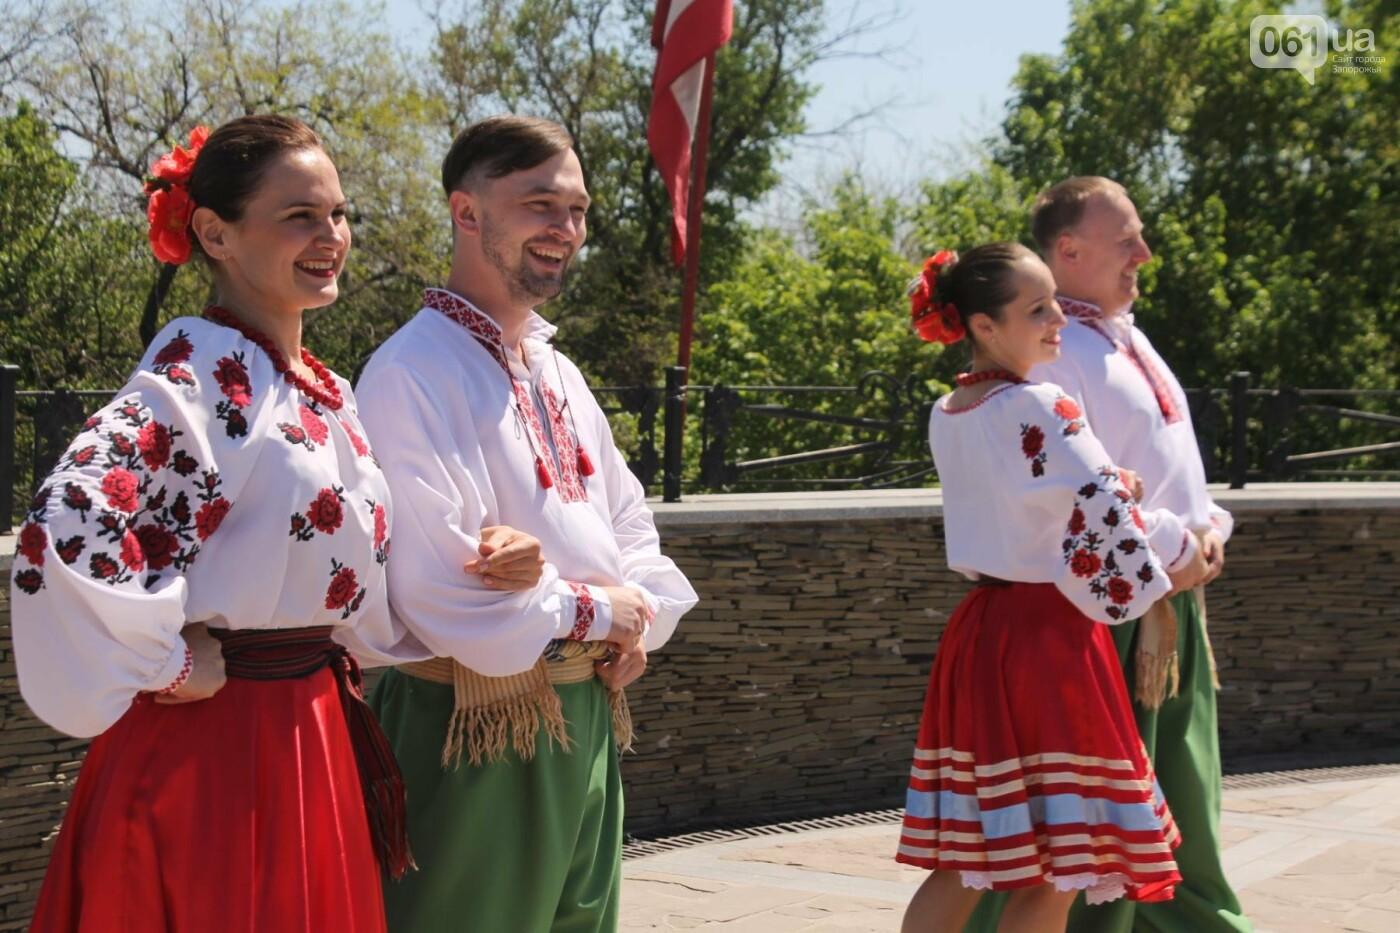 В Запорожье на Хортице концертом открыли туристический сезон: как это было, – ФОТОРЕПОРТАЖ, фото-3